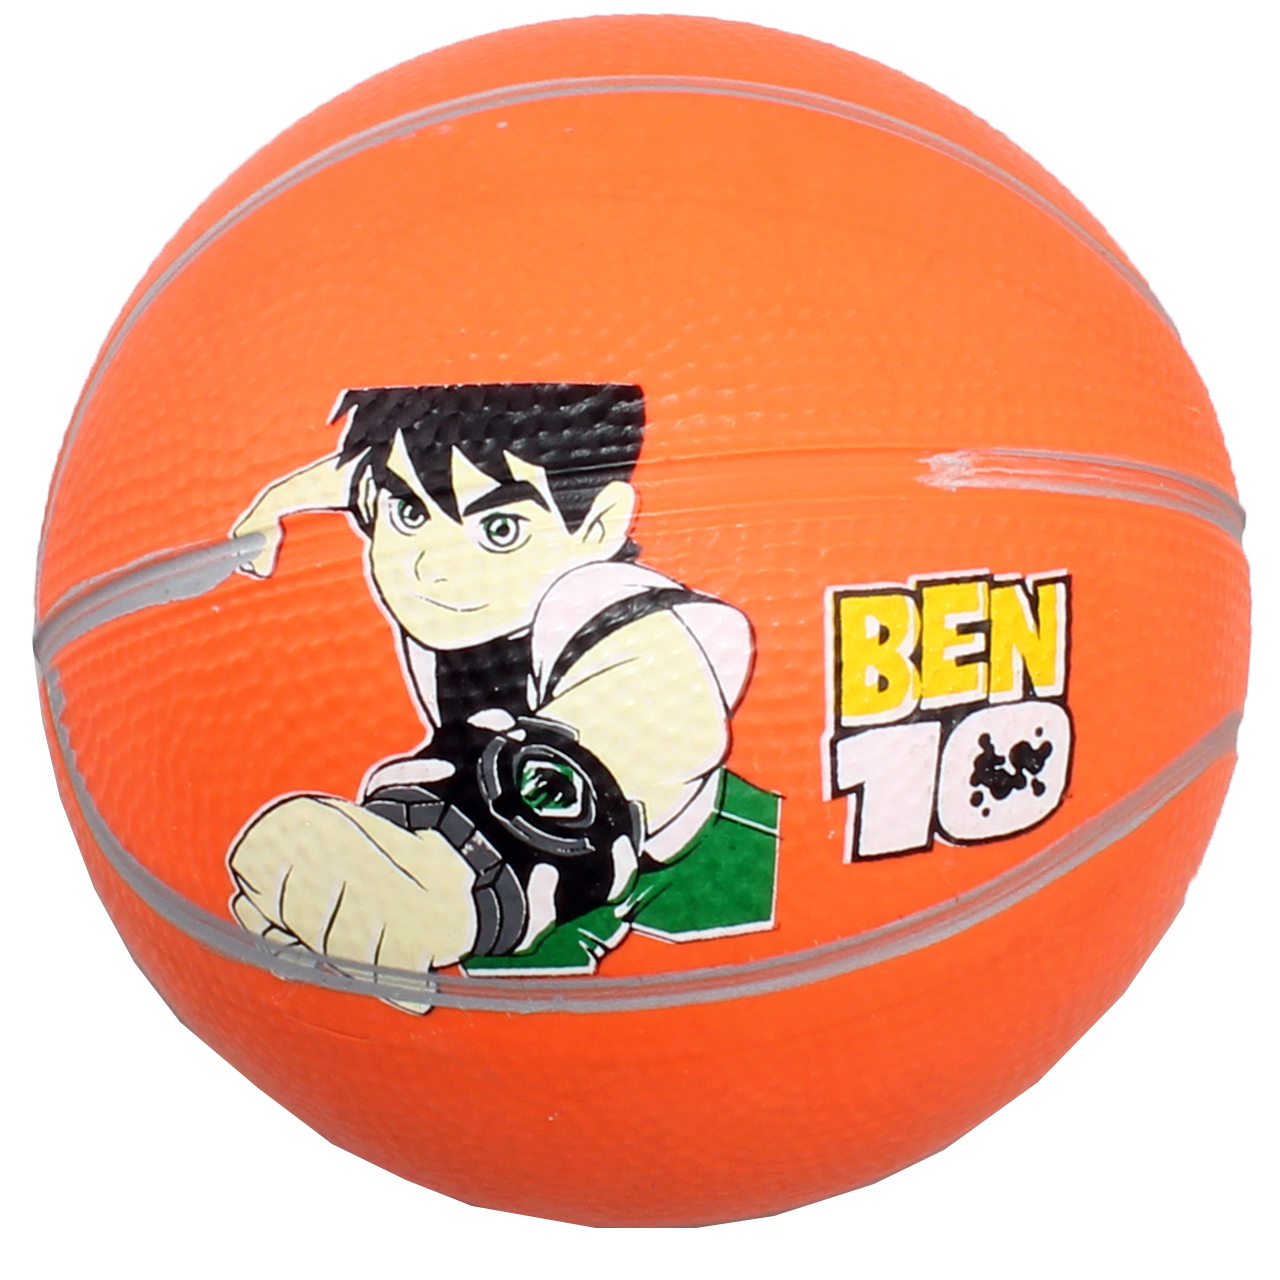 توپ بتا مدل مینی بسکتبال Ben 10 سایز 3